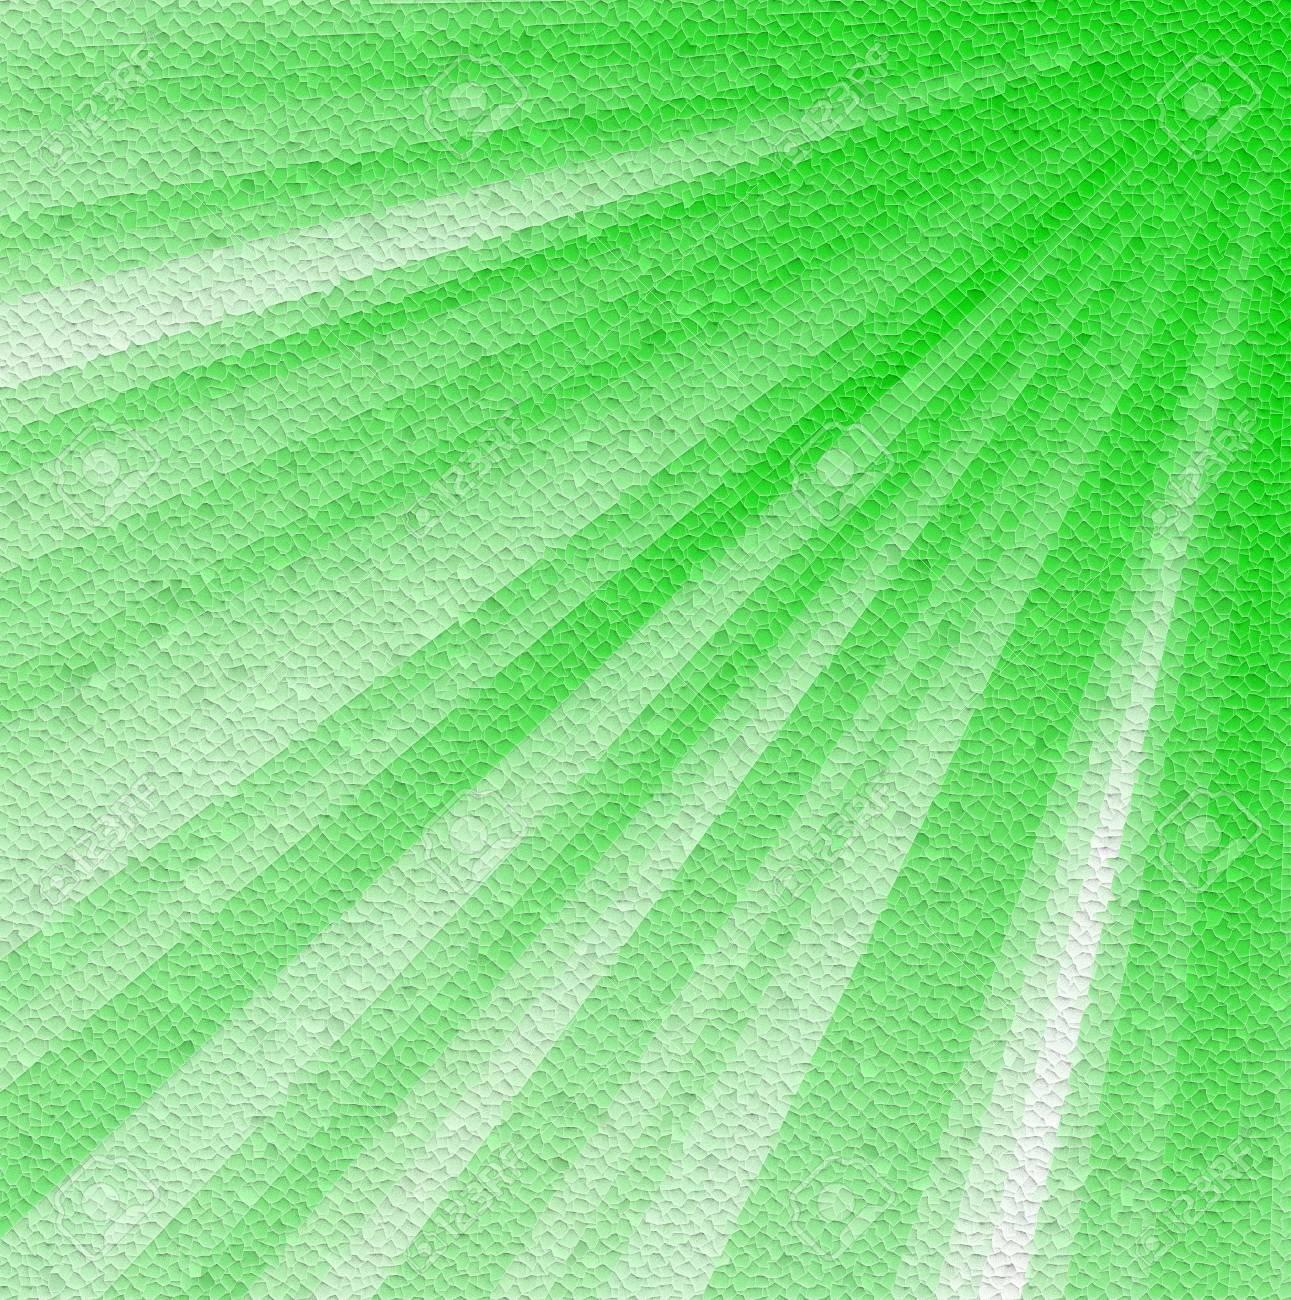 Bunte Abstrakte Mosaik Sonnenstrahlen Hintergrund Dekorative